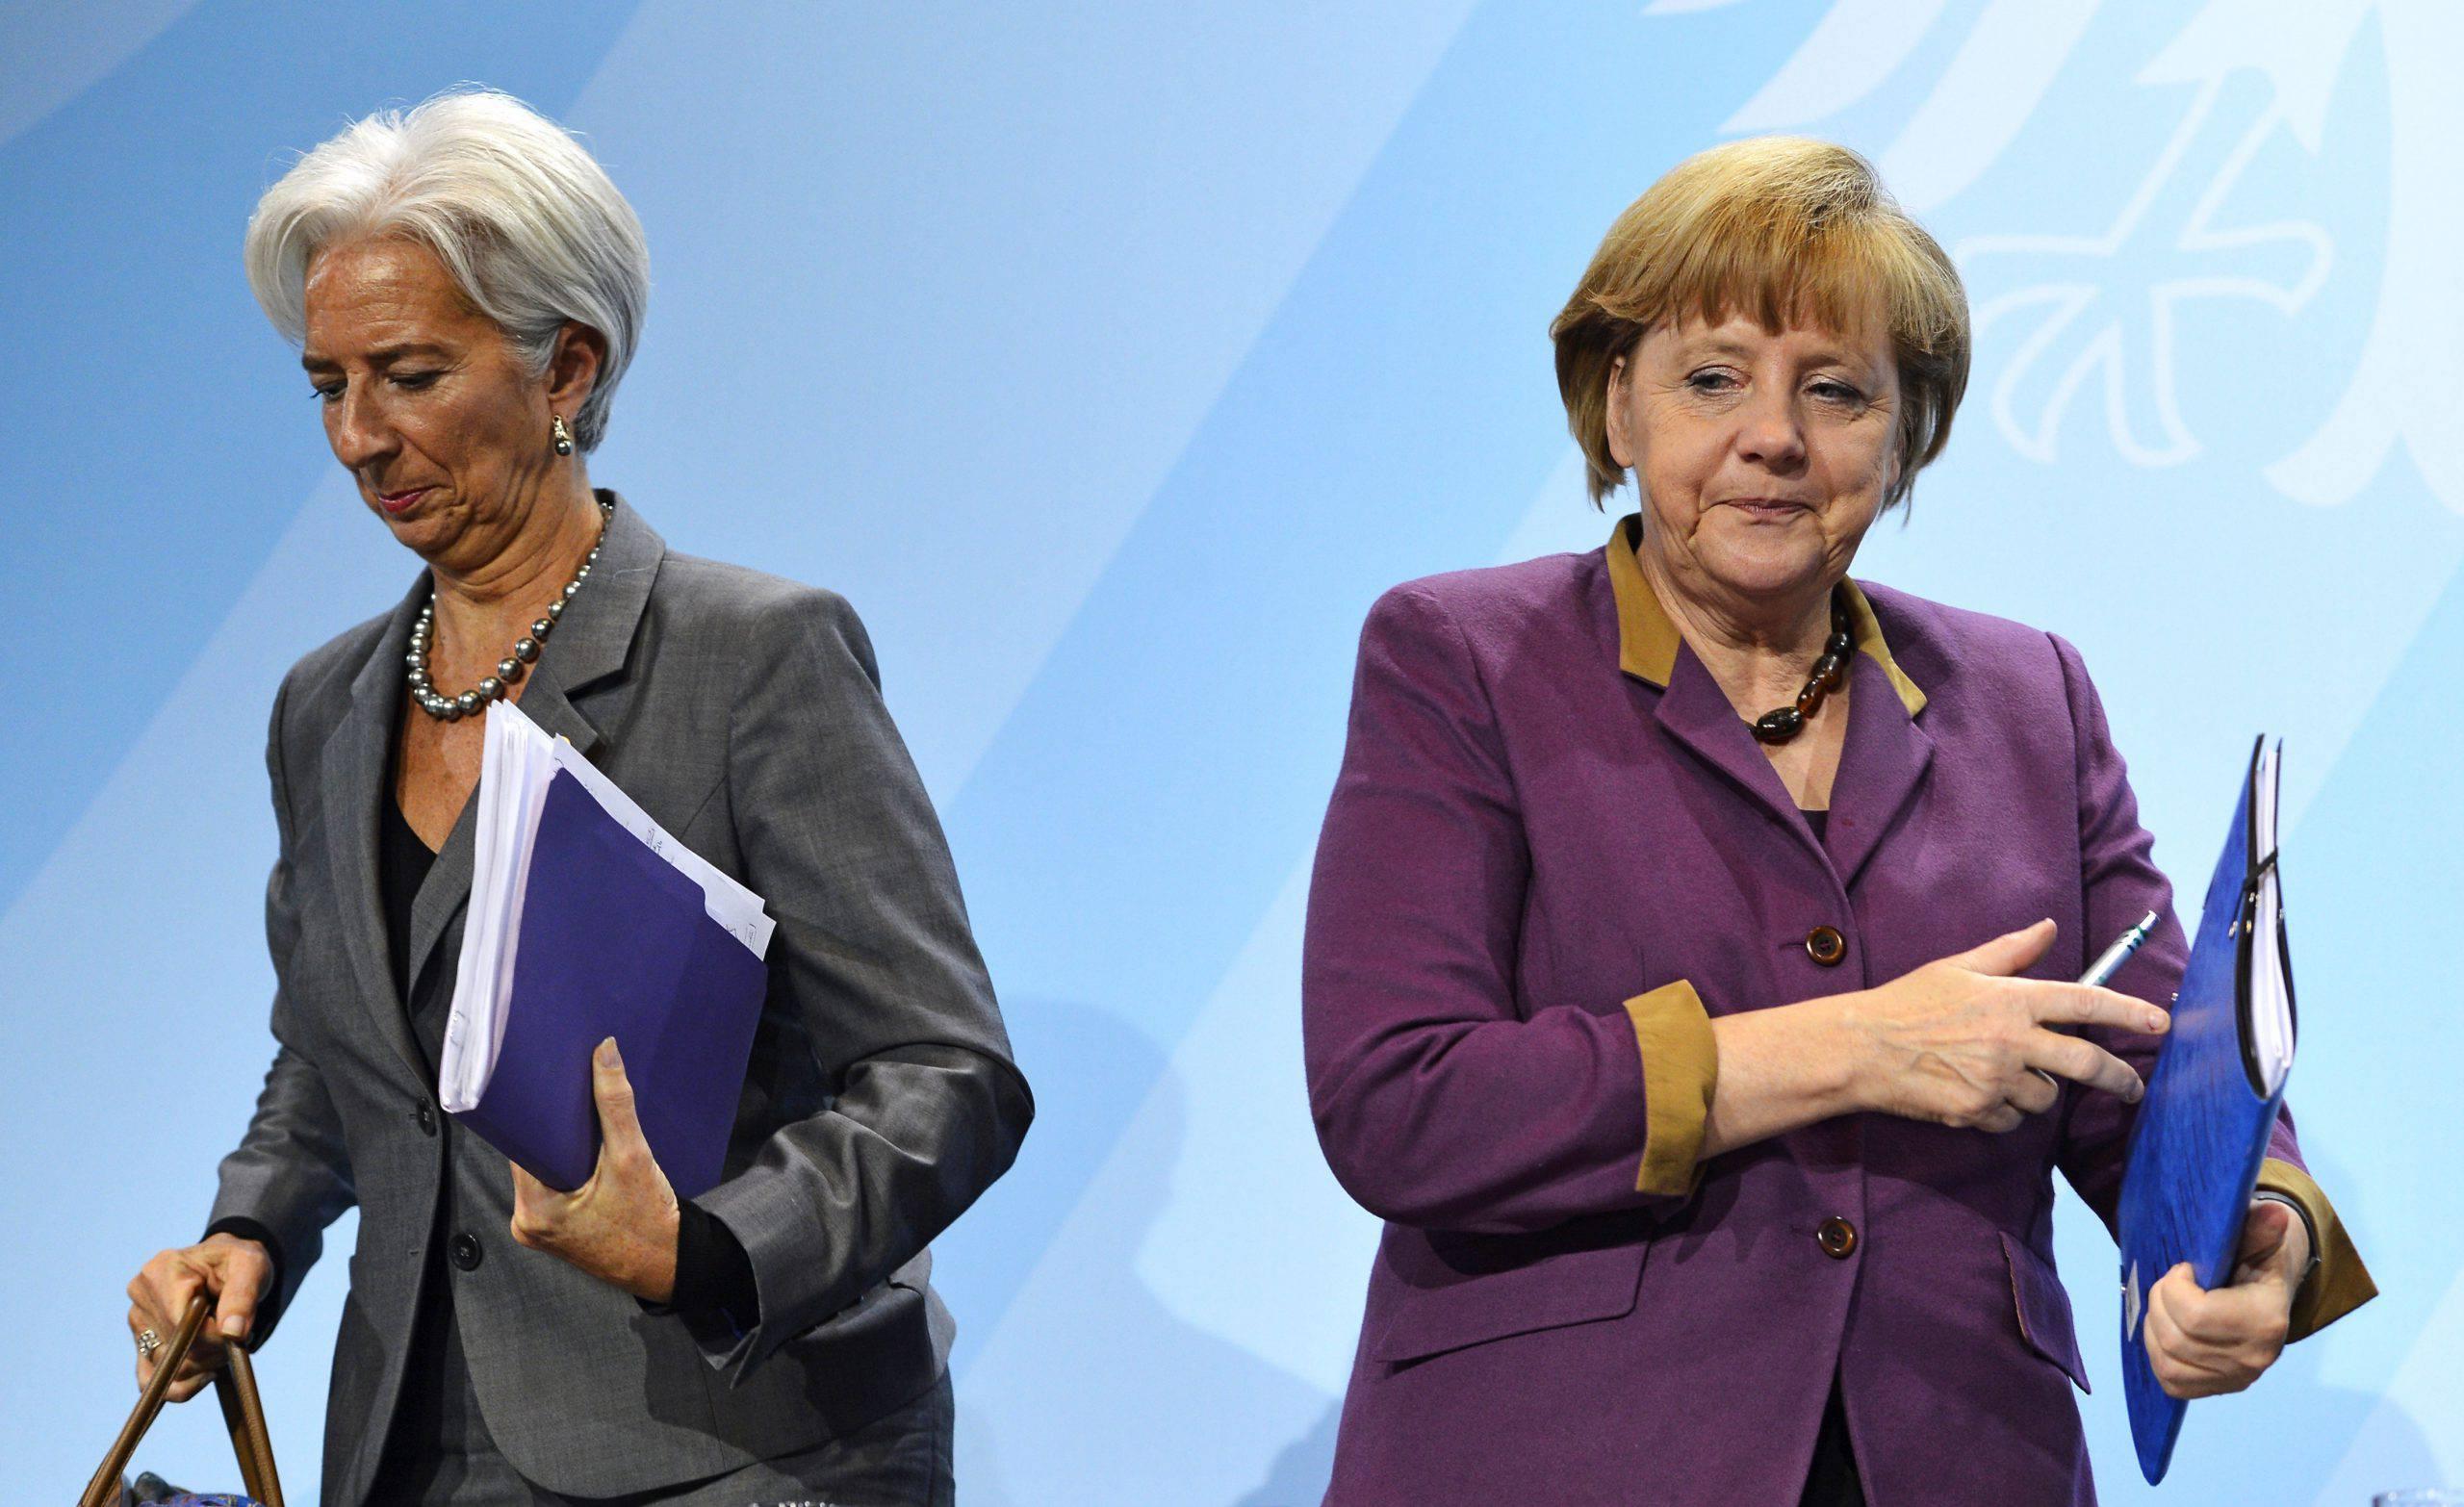 Alta corte, acquisto bond Bce oltre competenze europee - Economia